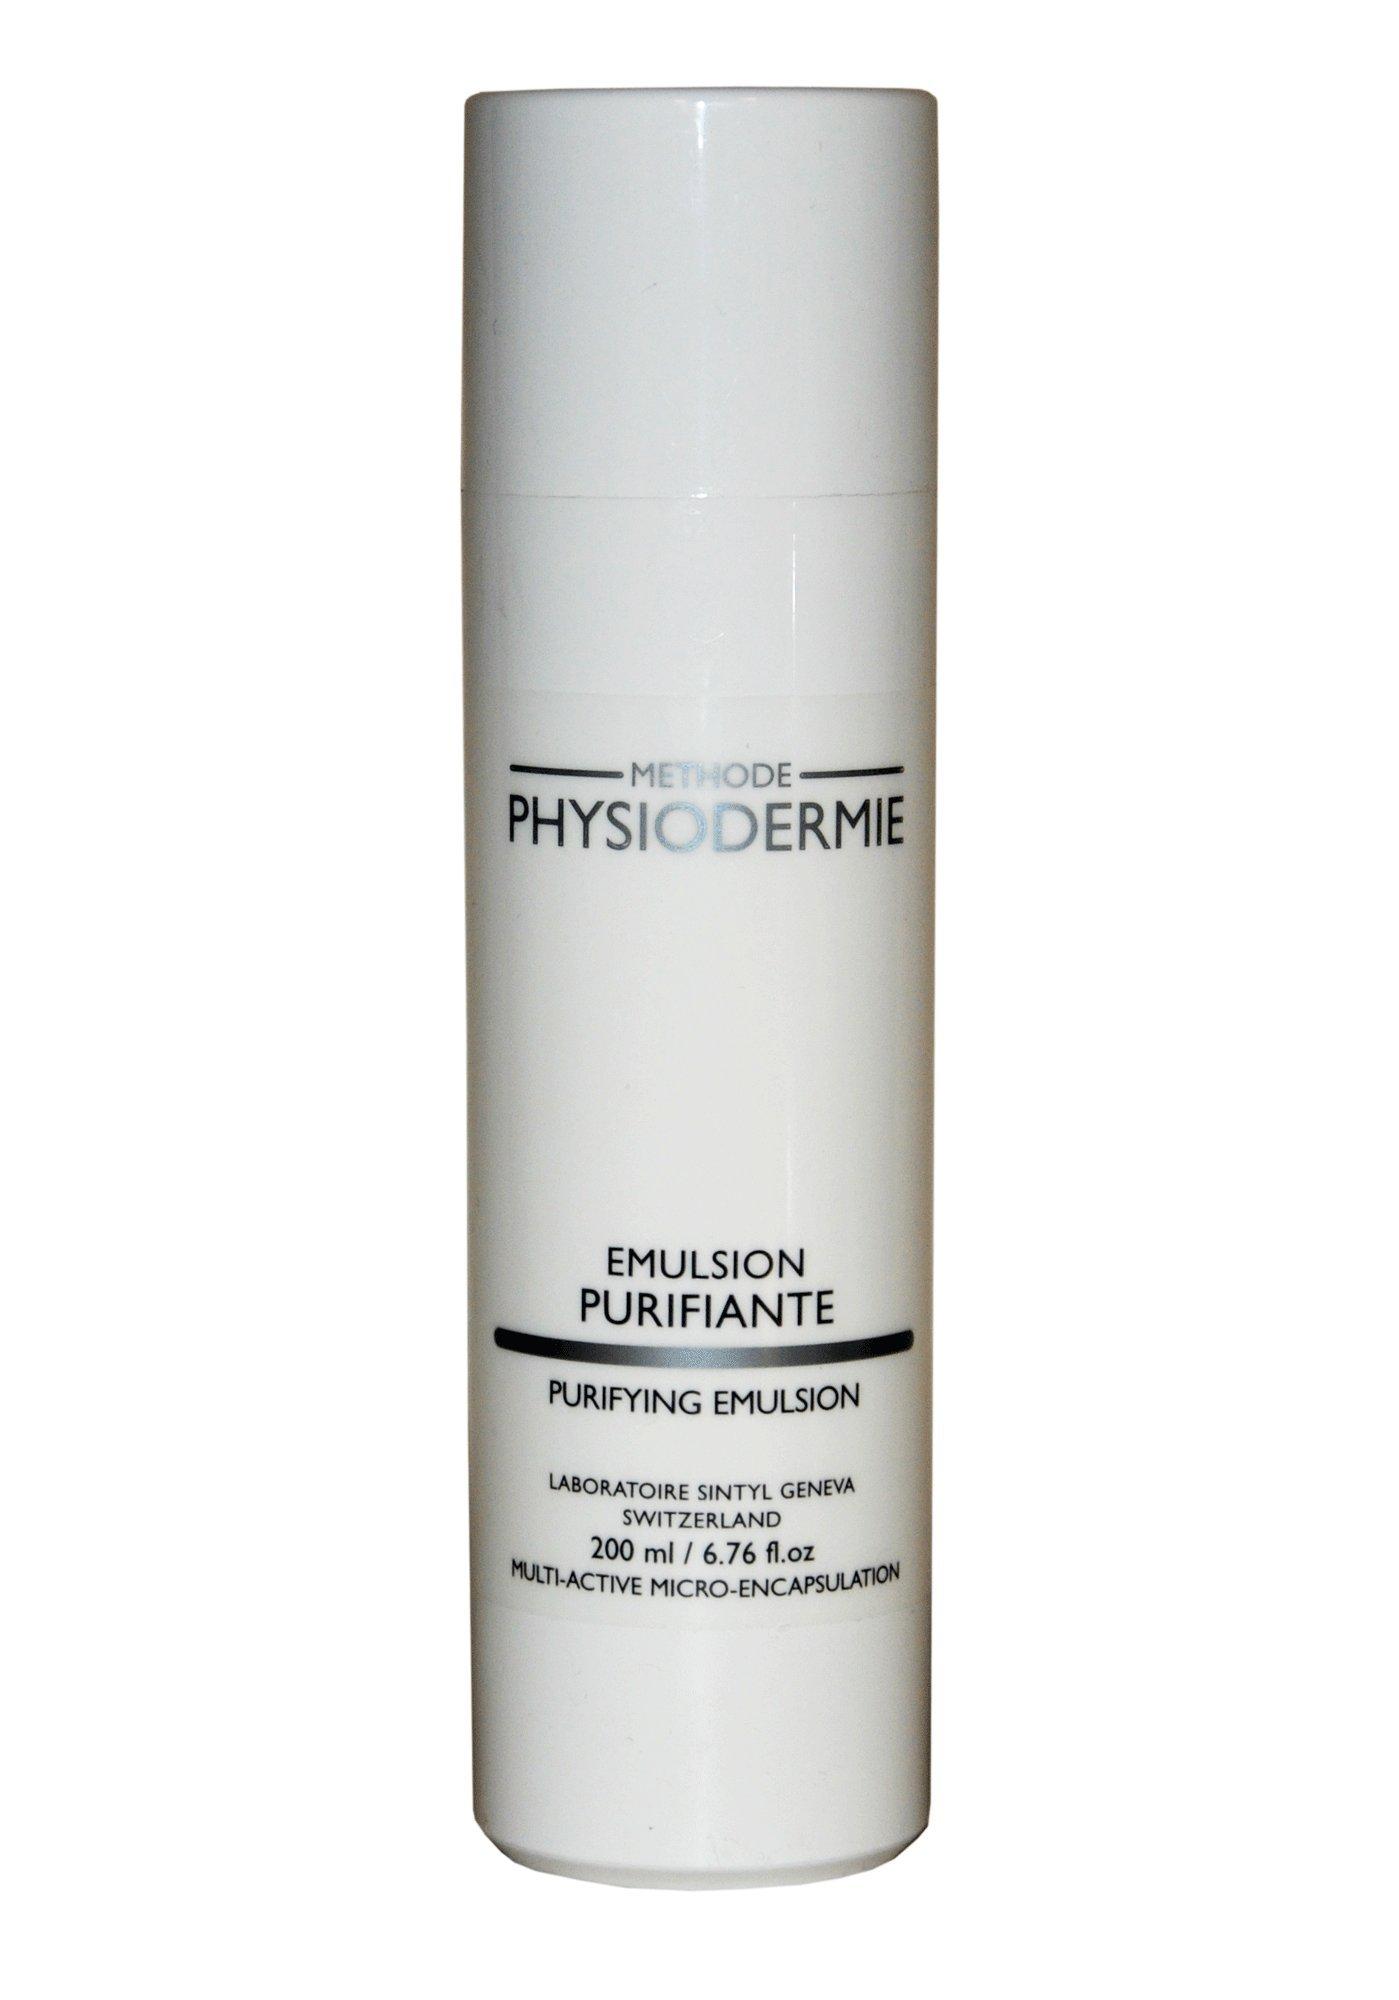 Physiodermie Purifying Emulsion 200 ml / 6.76 fl.oz - SALON FRESH NEW